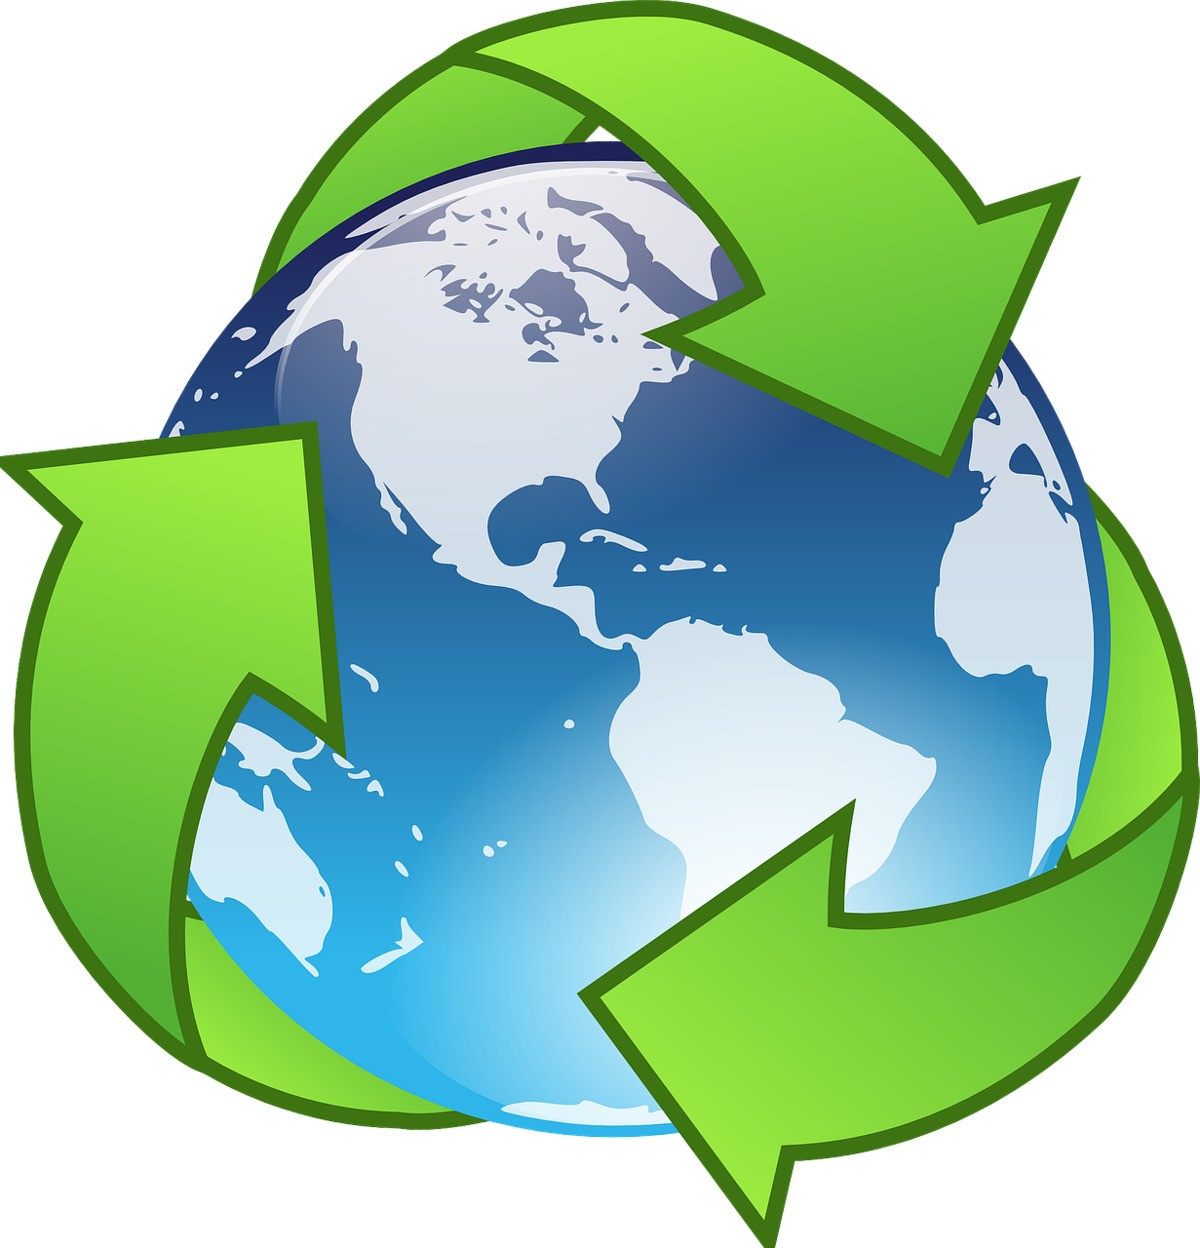 Appel à Manifestation d'Intérêt : Innovation et déploiement pour le recyclage et la valorisation des matériaux